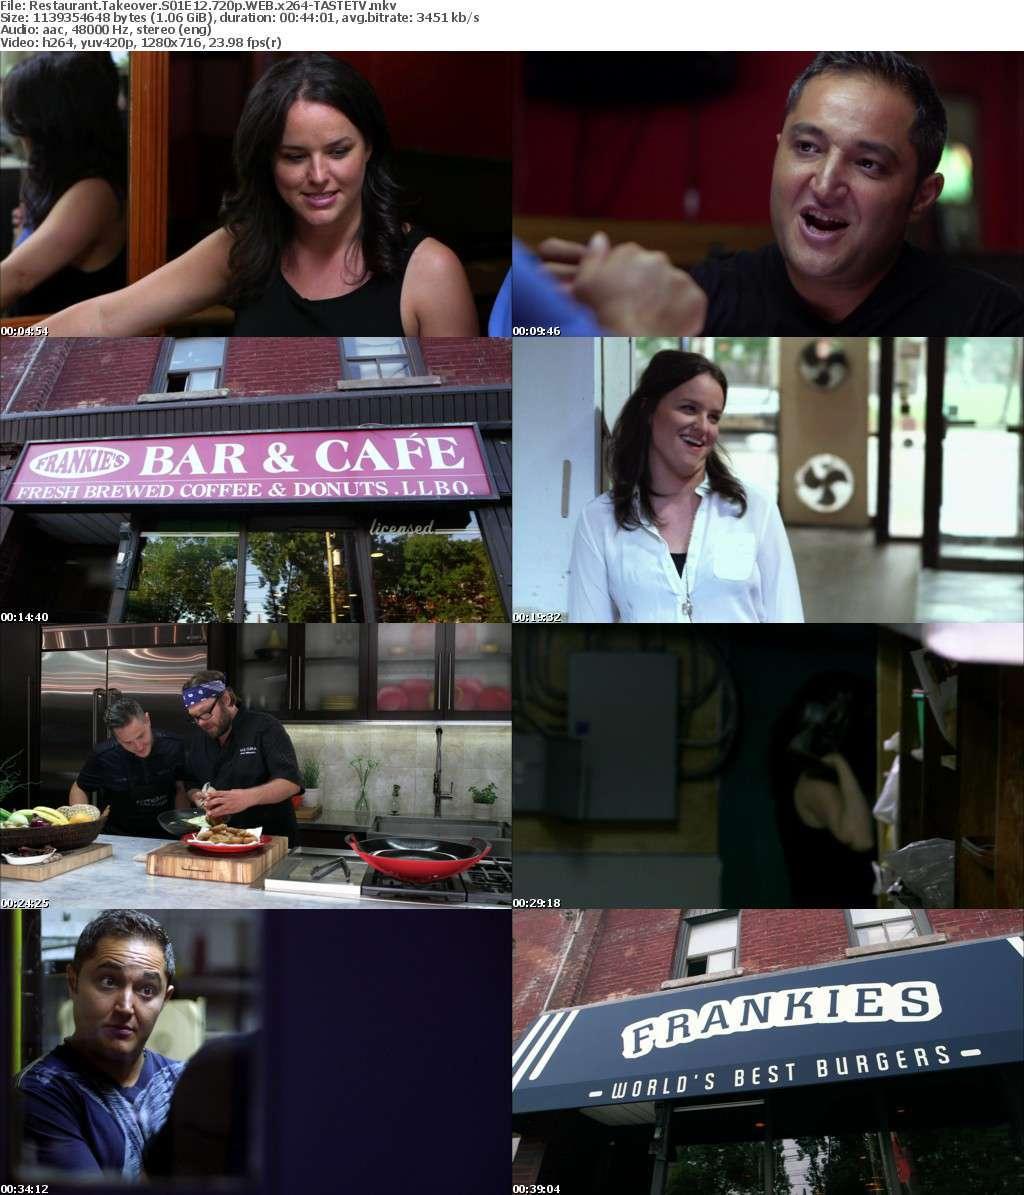 Restaurant Takeover S01E12 720p WEB x264-TASTETV